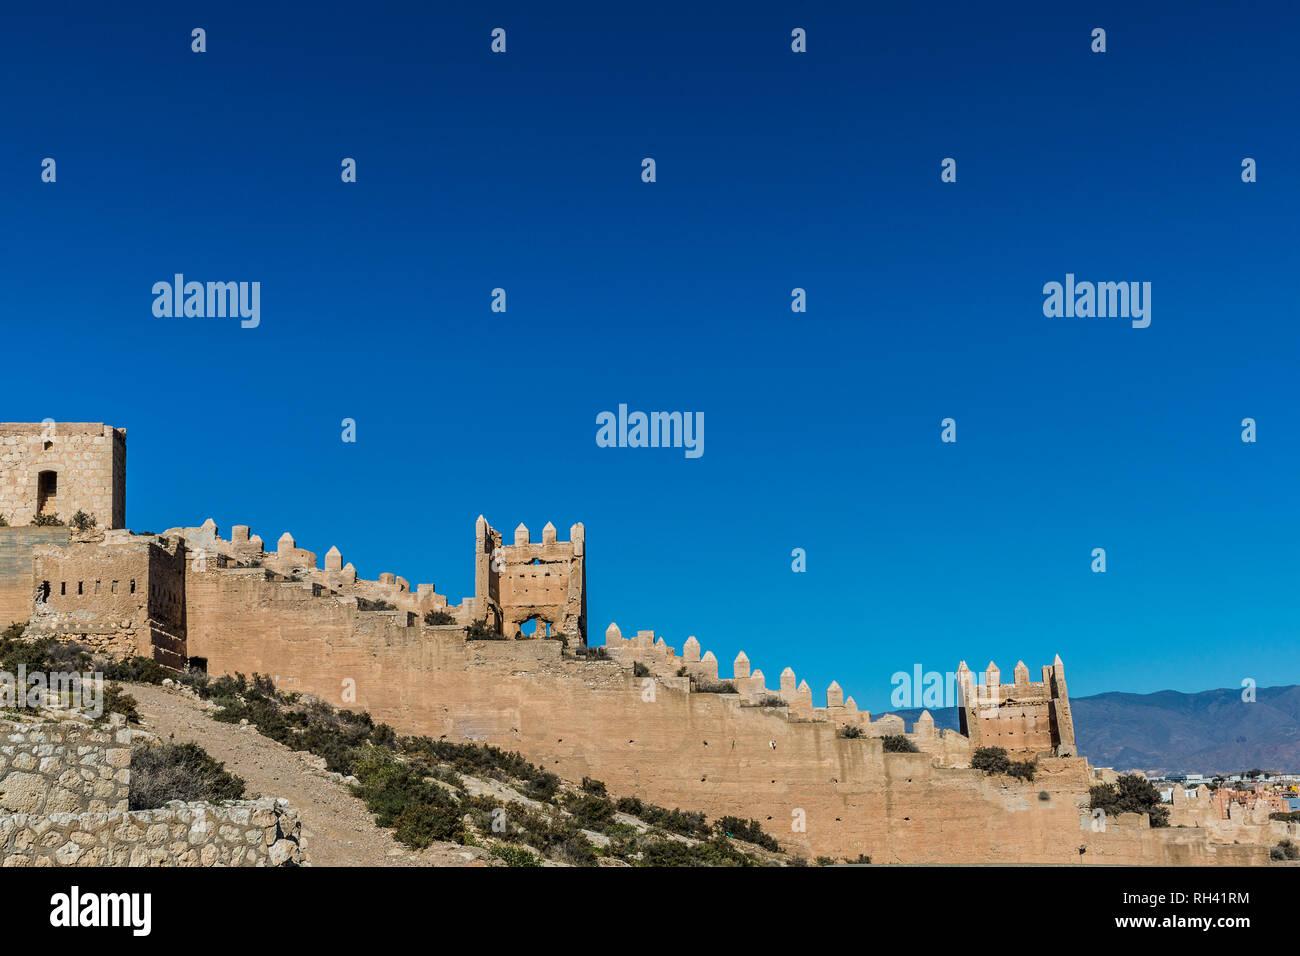 Alcazaba pared sobre una colina en una tierra árida en Almería, España, hermoso día soleado con un cielo azul sin nubes Imagen De Stock